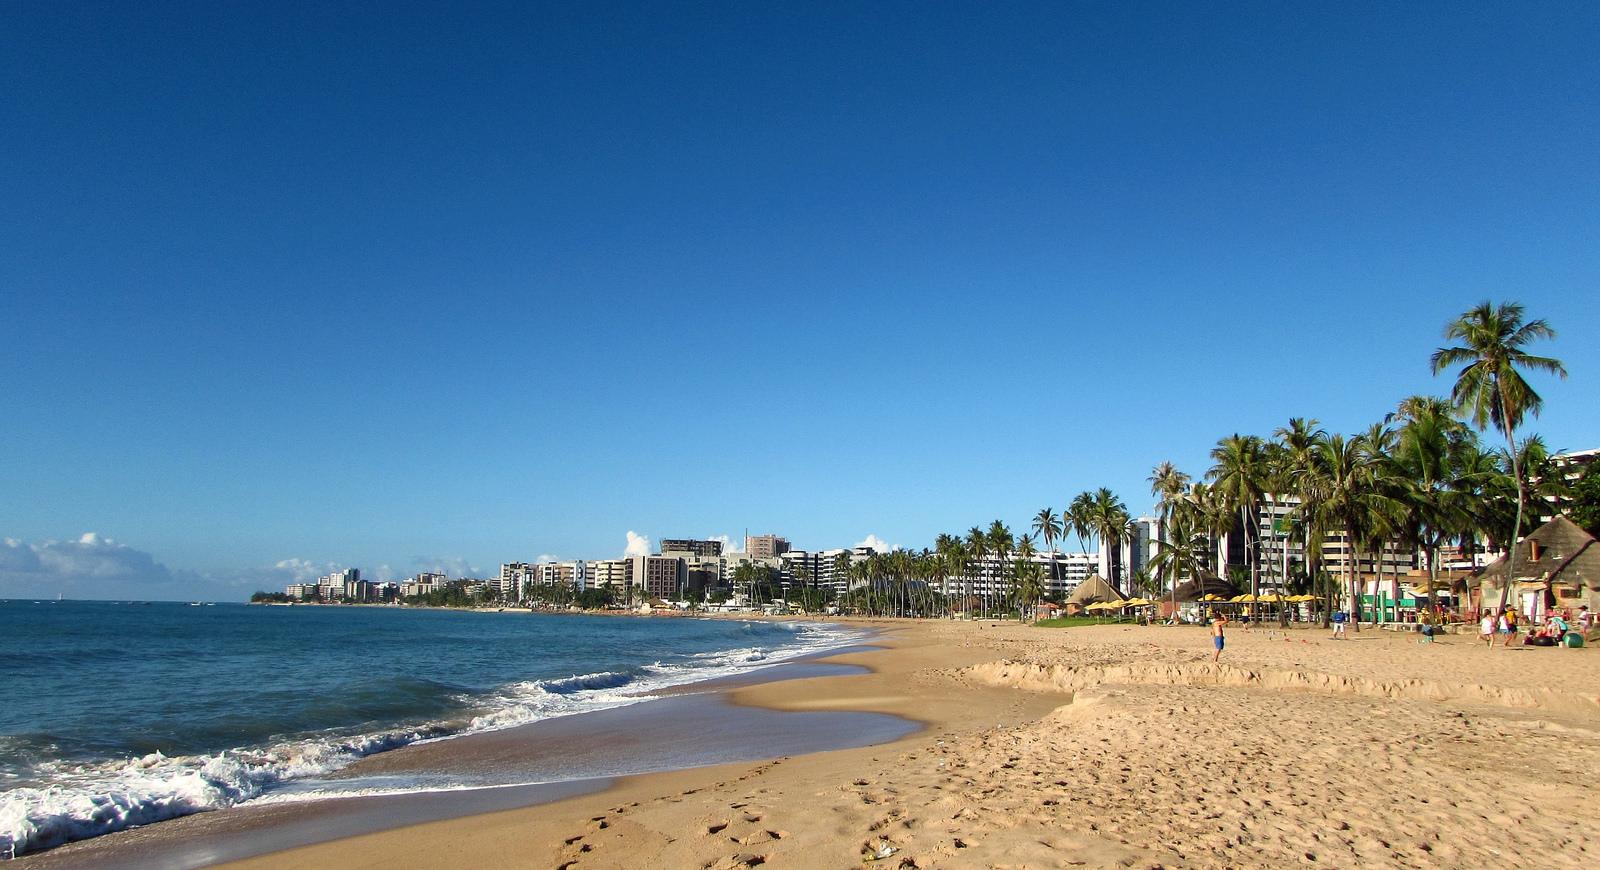 Onde ficar em Maceió: Praia Jatiúca